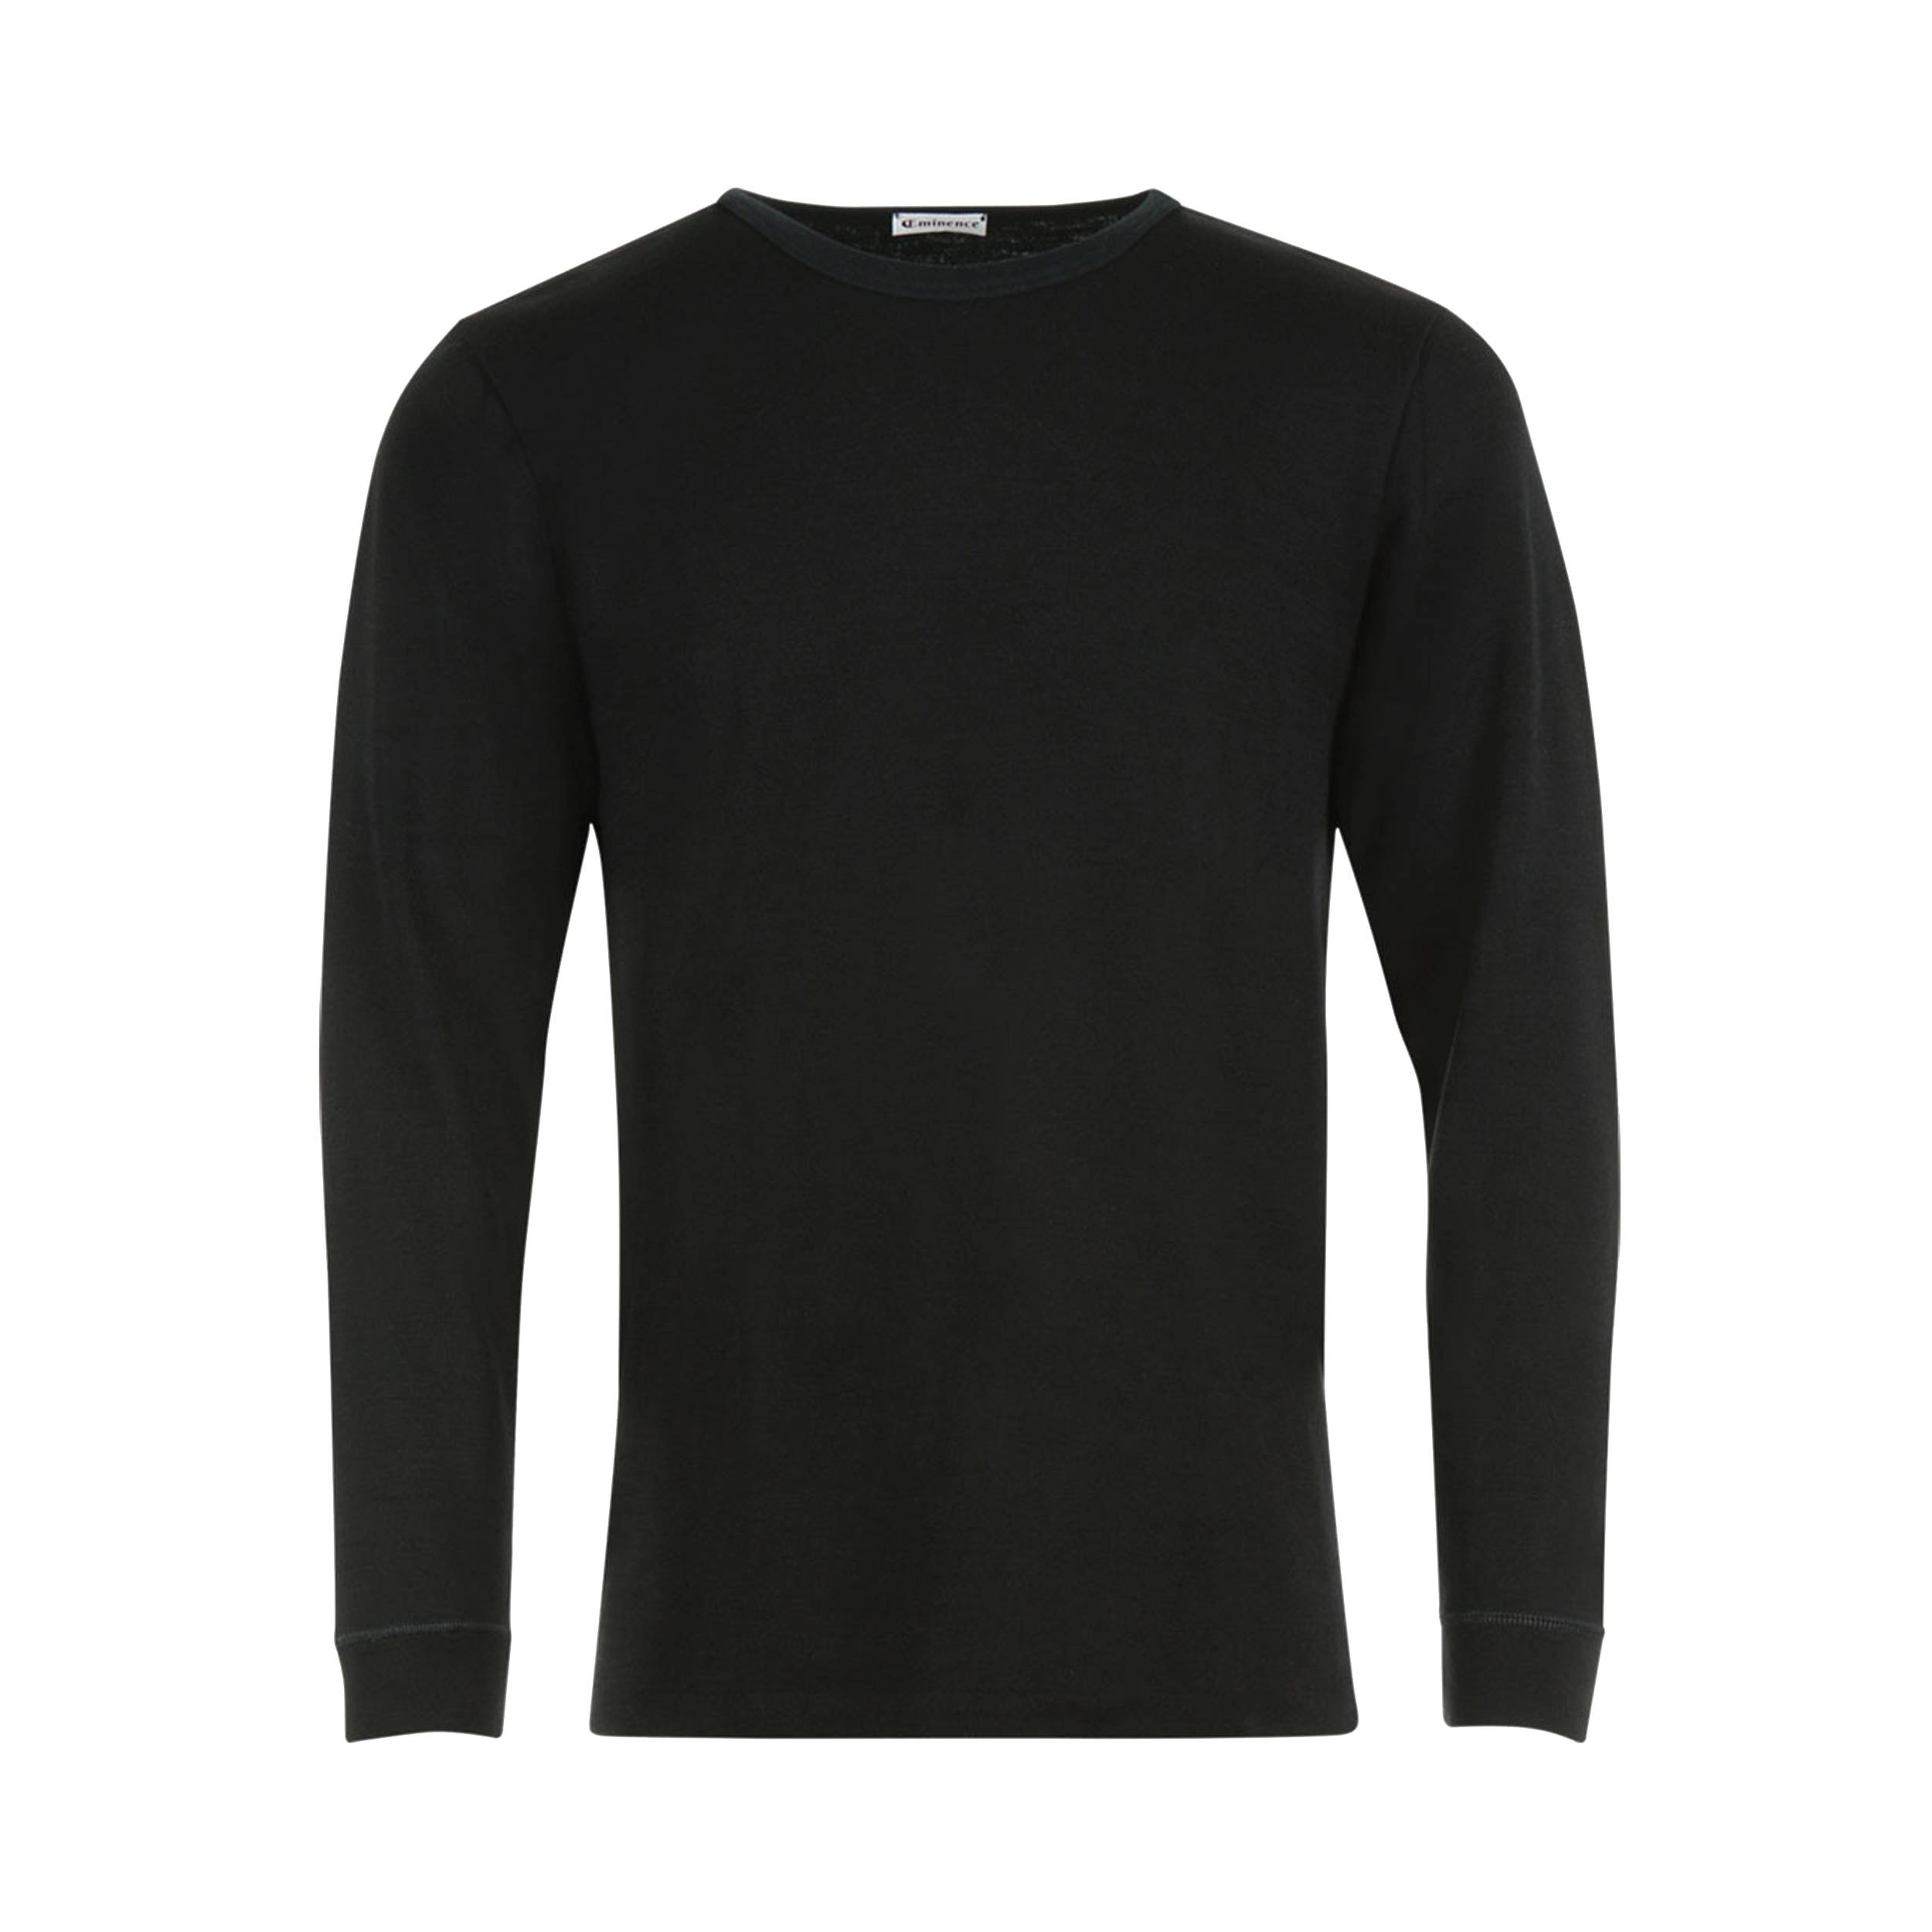 Eminence Tee-shirt manches longues col rond Eminence Chaleur naturelle intense en laine mélangée noire - NOIR -